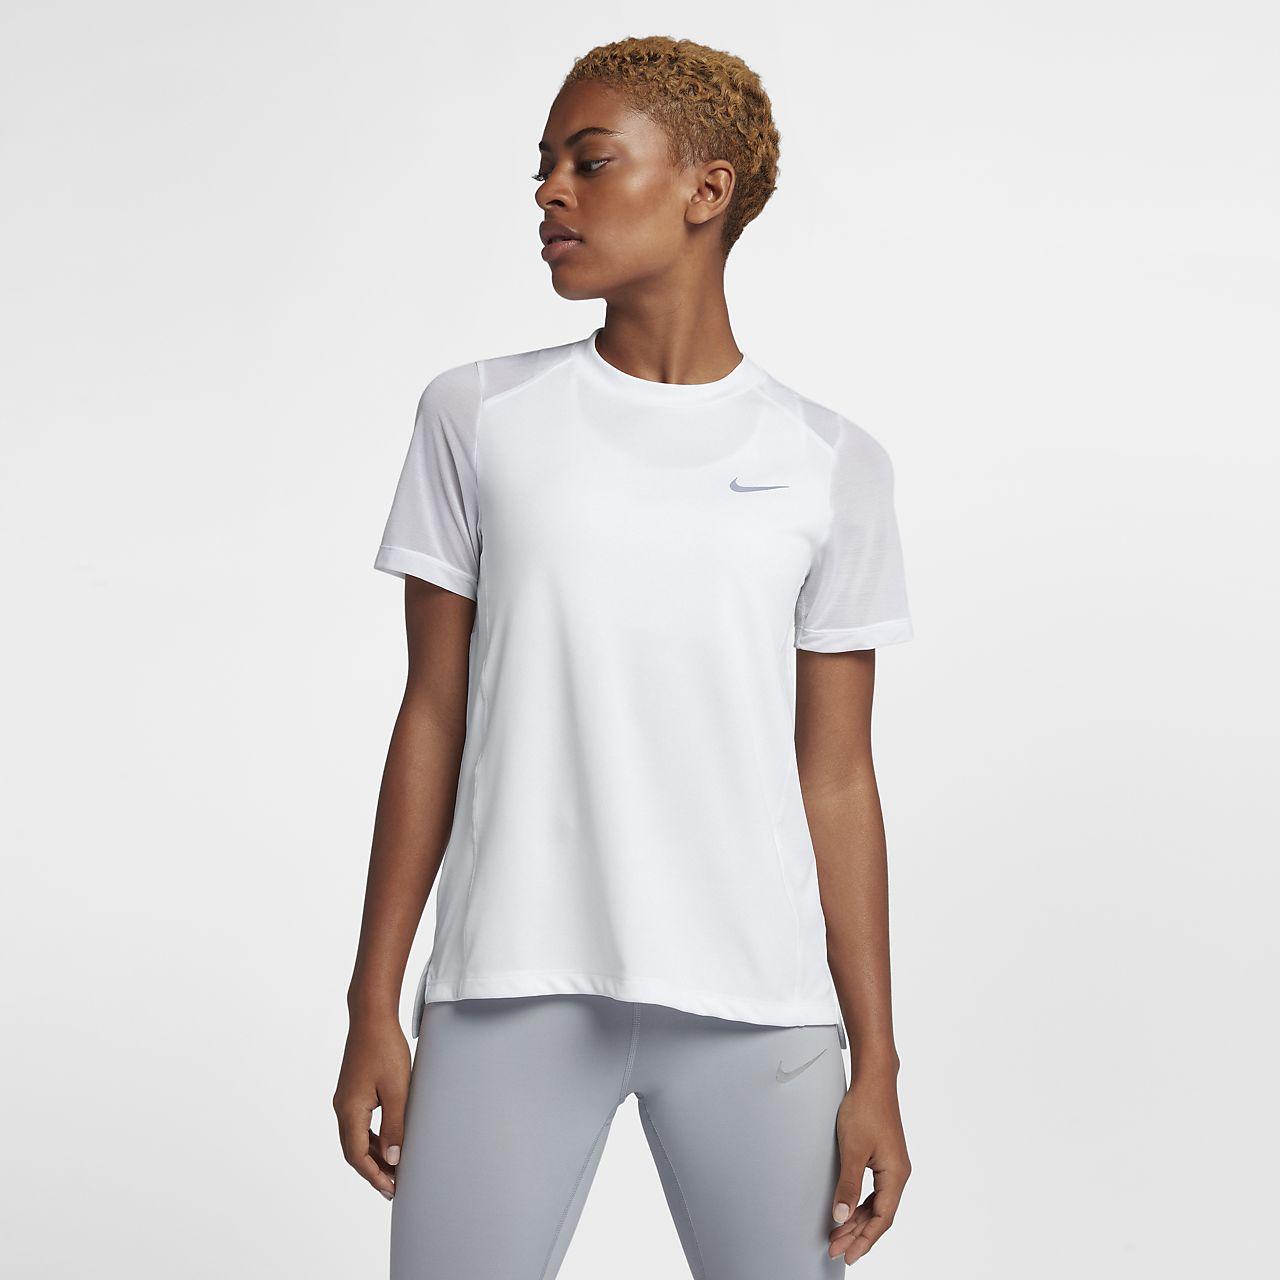 Nike Womens Running Top - Nike Dri-FIT Cool White W7v5741